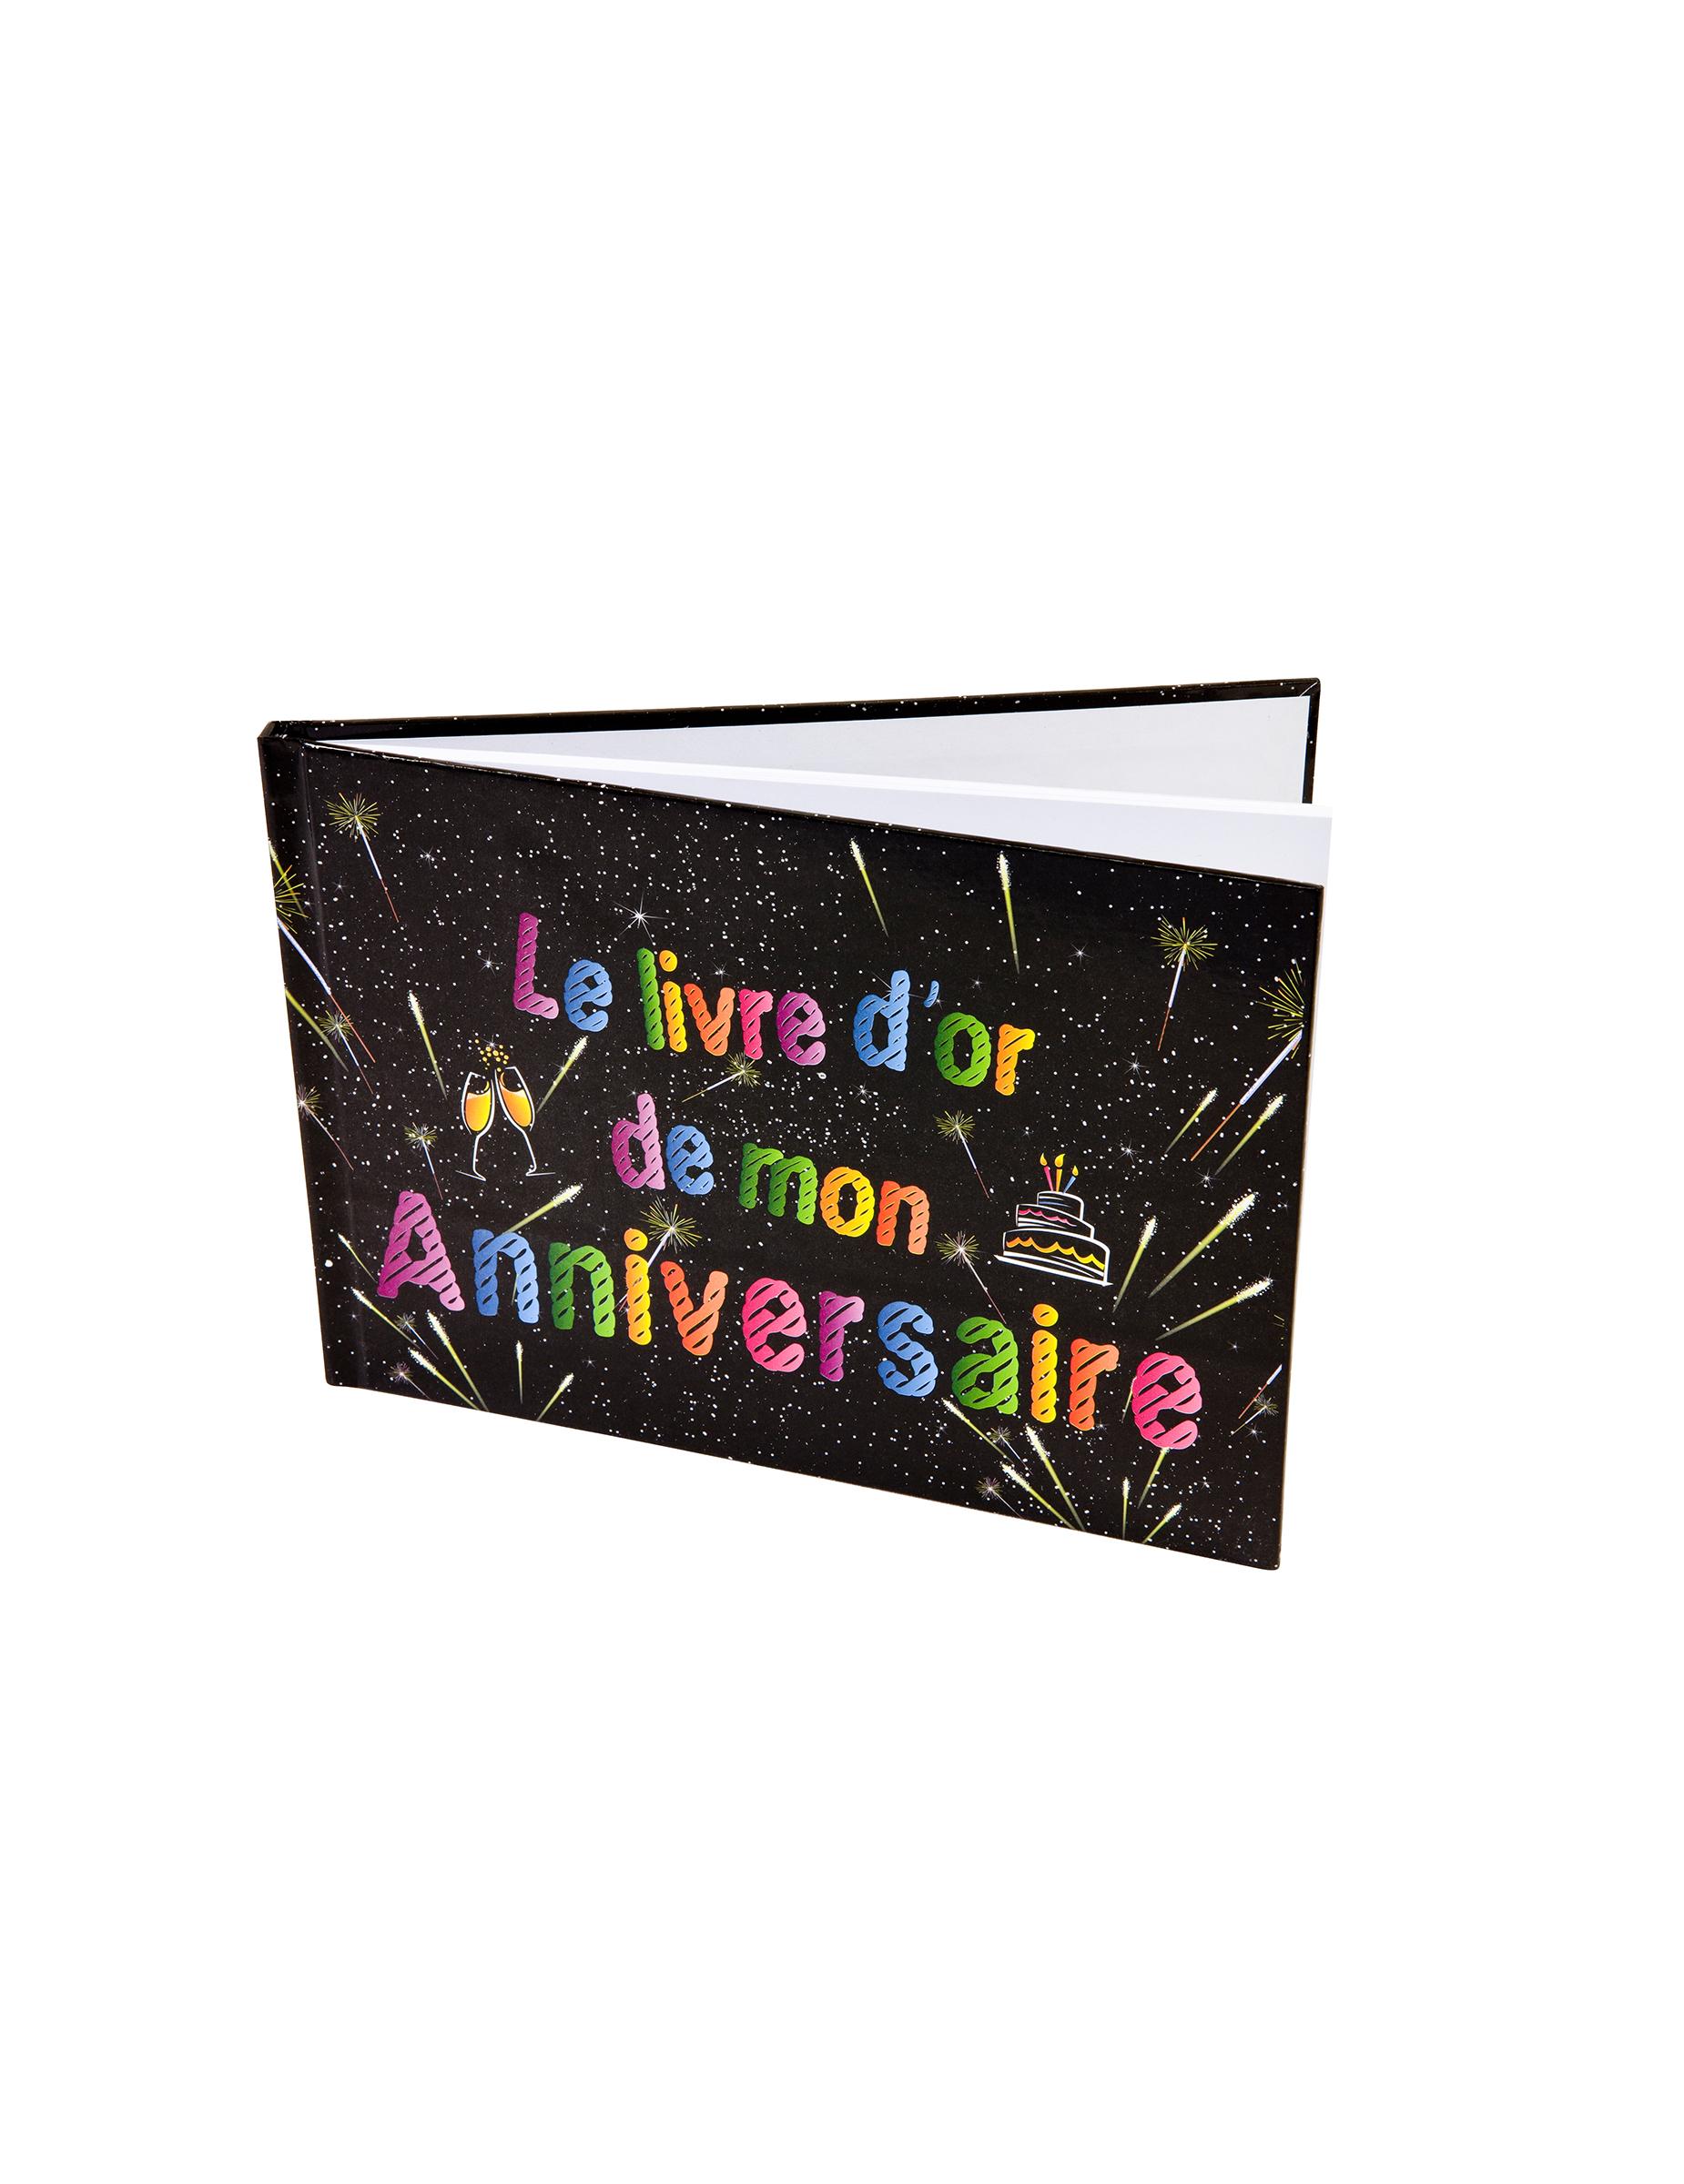 livre d 39 or anniversaire feux d 39 artifice 21 5 x 15 5 cm d coration anniversaire et f tes th me. Black Bedroom Furniture Sets. Home Design Ideas